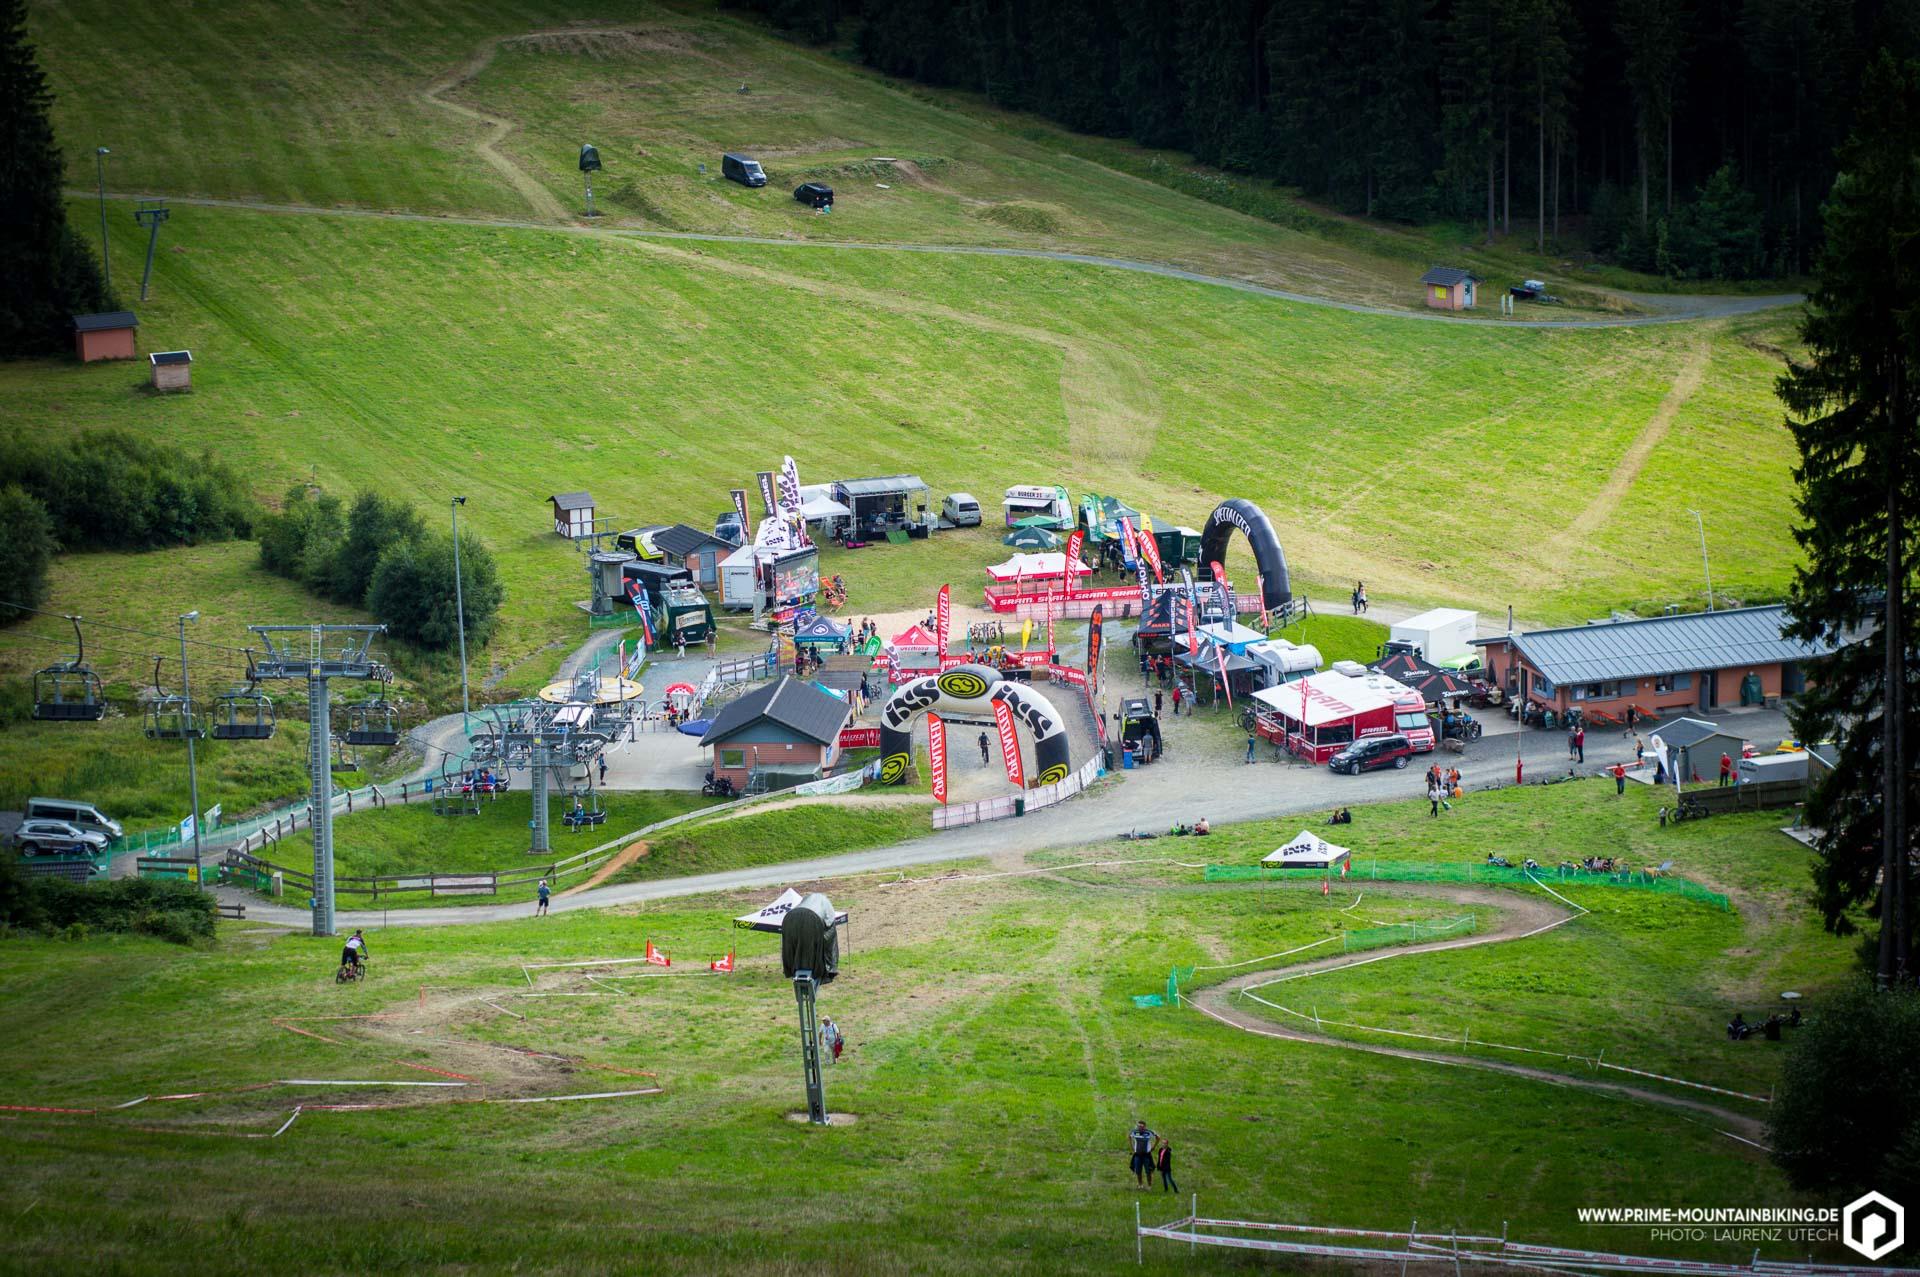 Die Event Area vor dem Prolog - wenig später sollten sich hier etliche Zuschauer und noch mehr Rennfahrer tummeln.